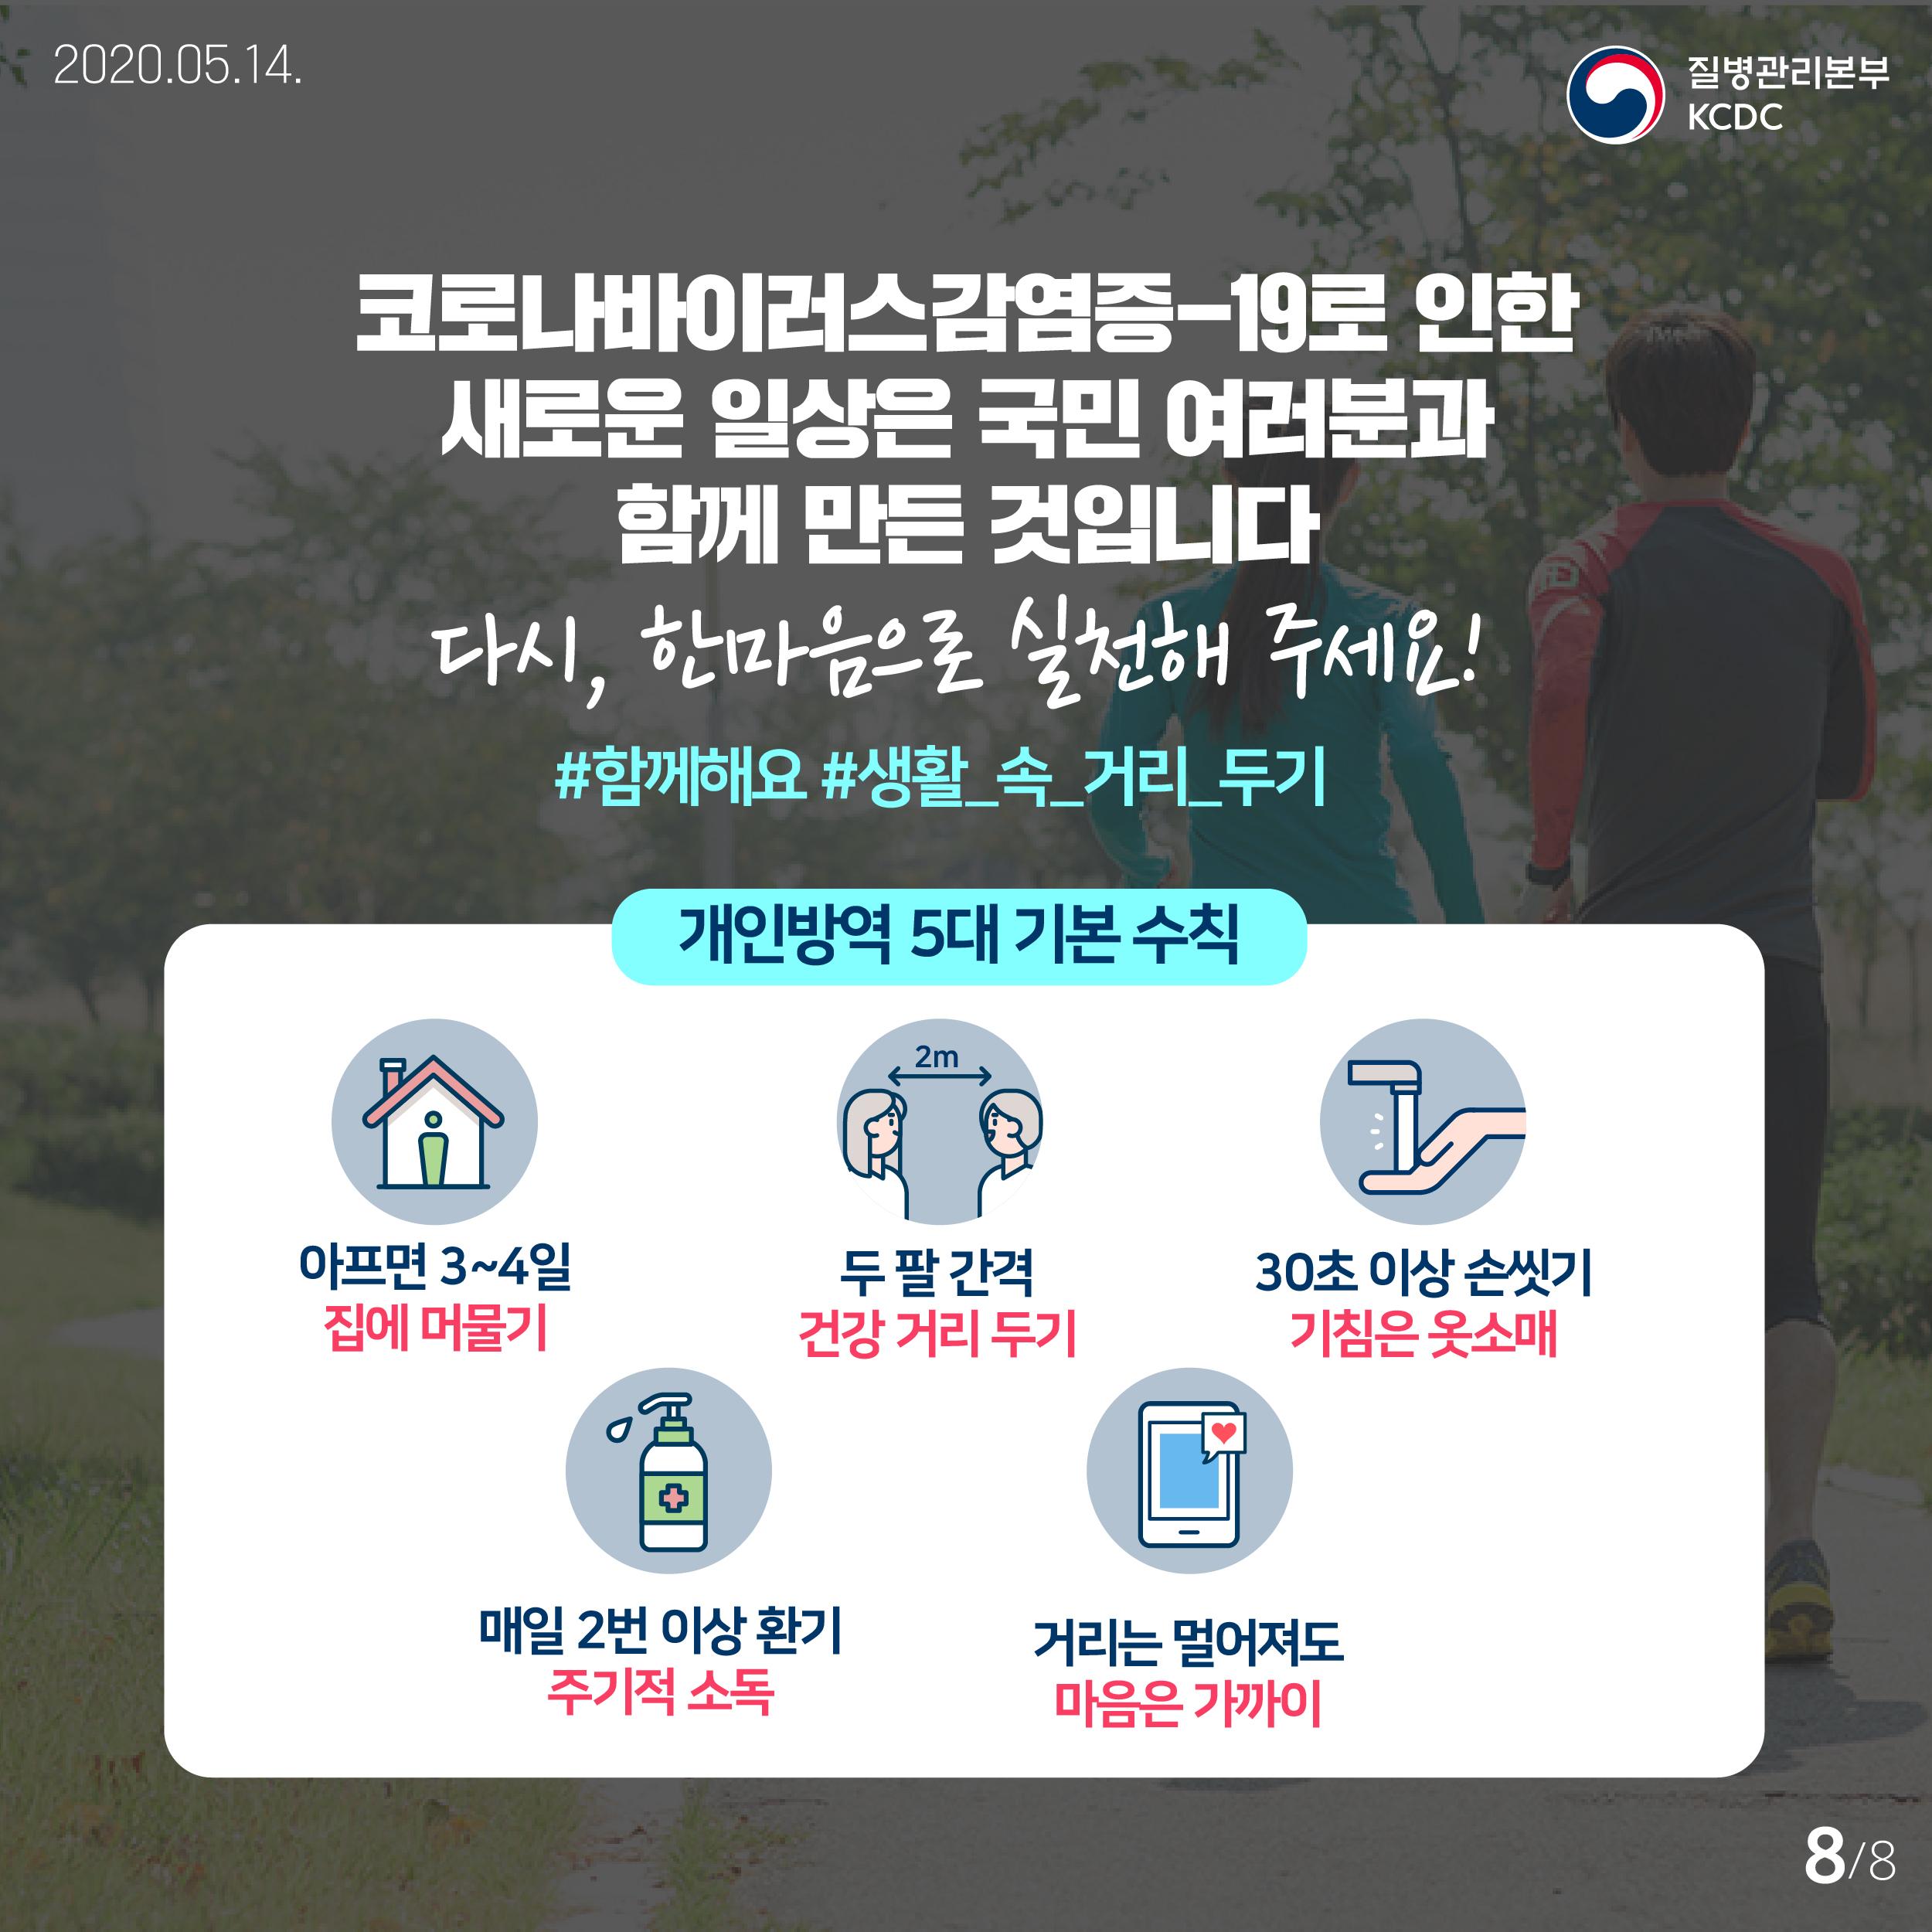 20200514_KCDC_사례정의8판_카드뉴스_8.jpg